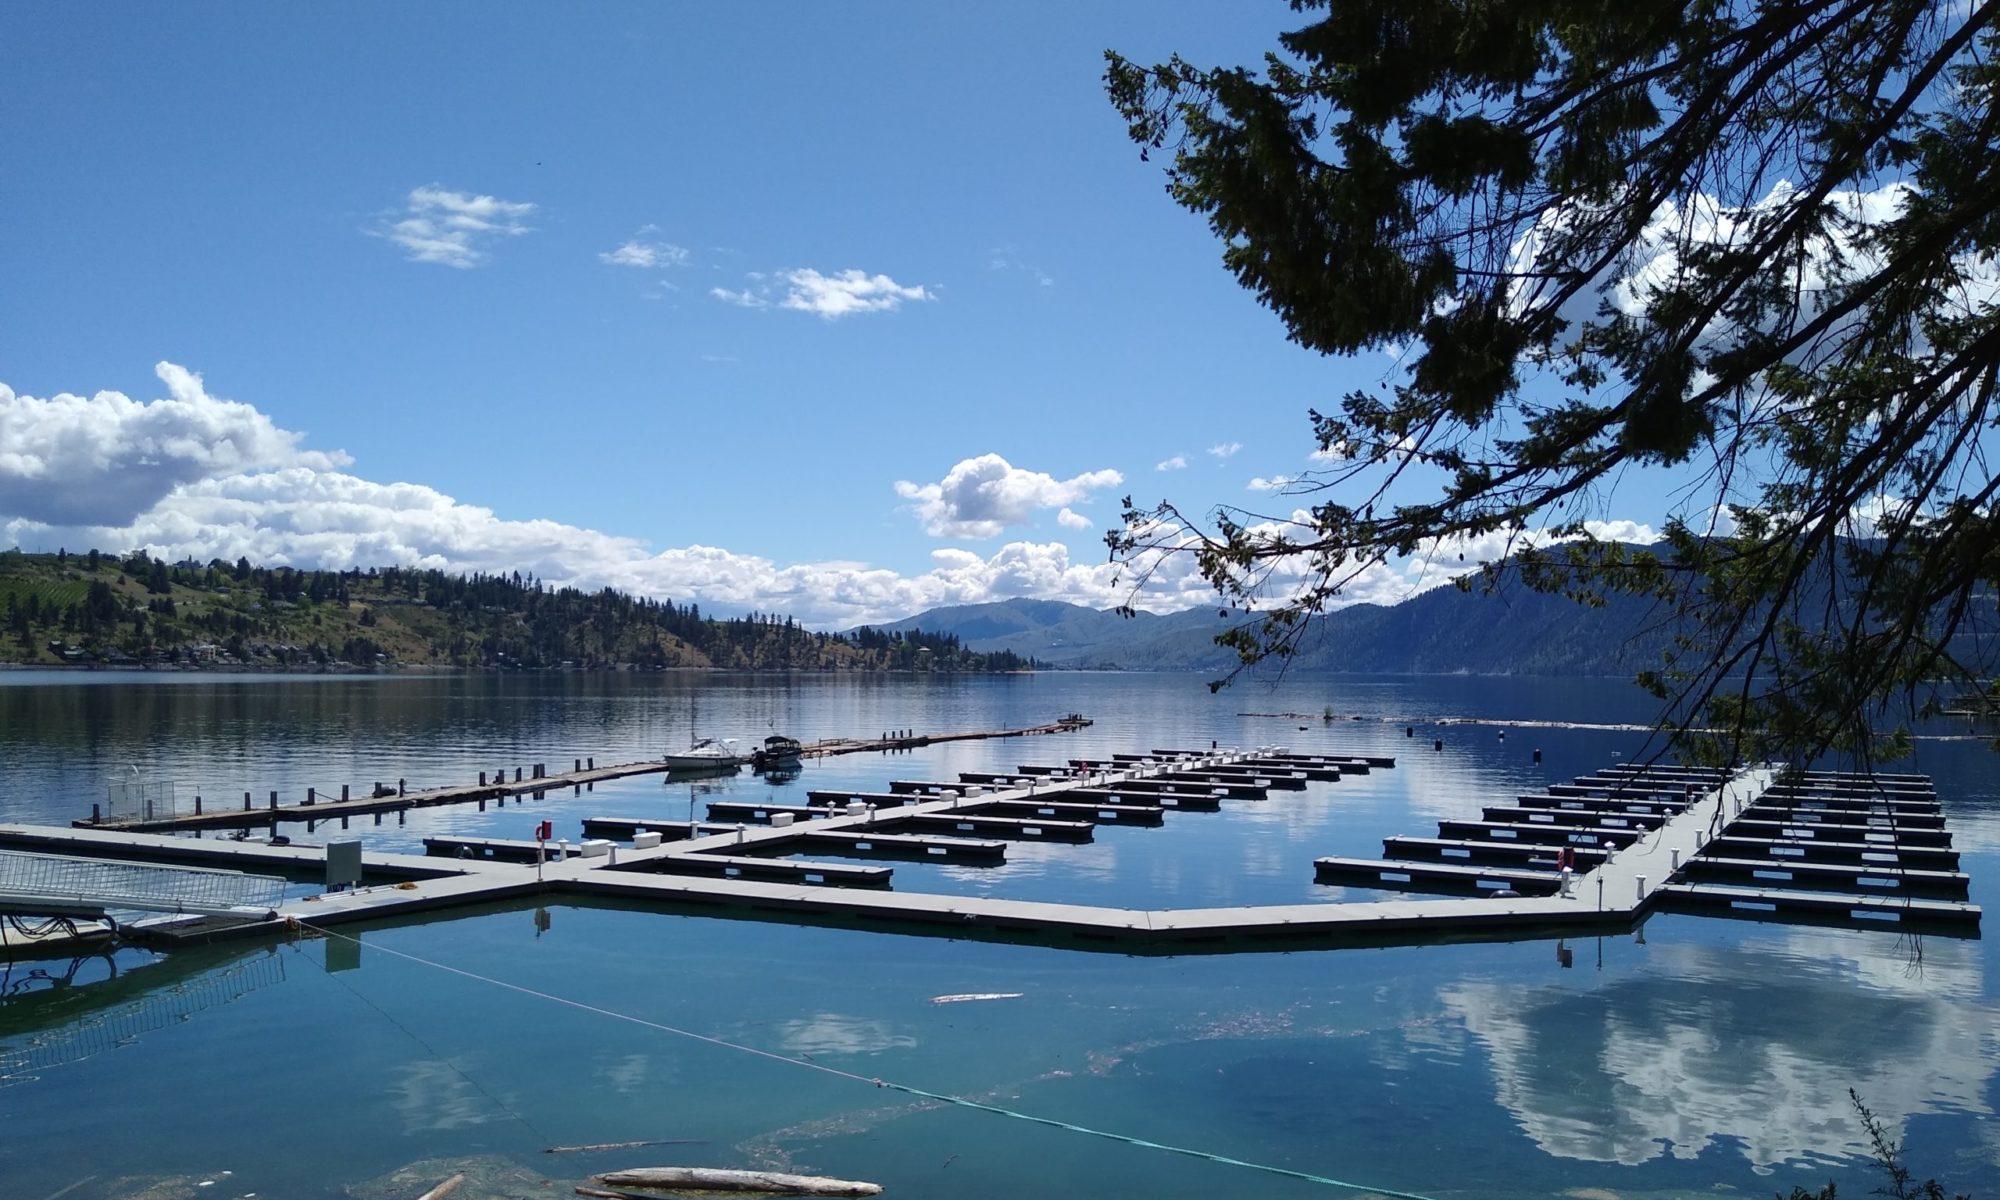 Lake Chelan Cove Marina